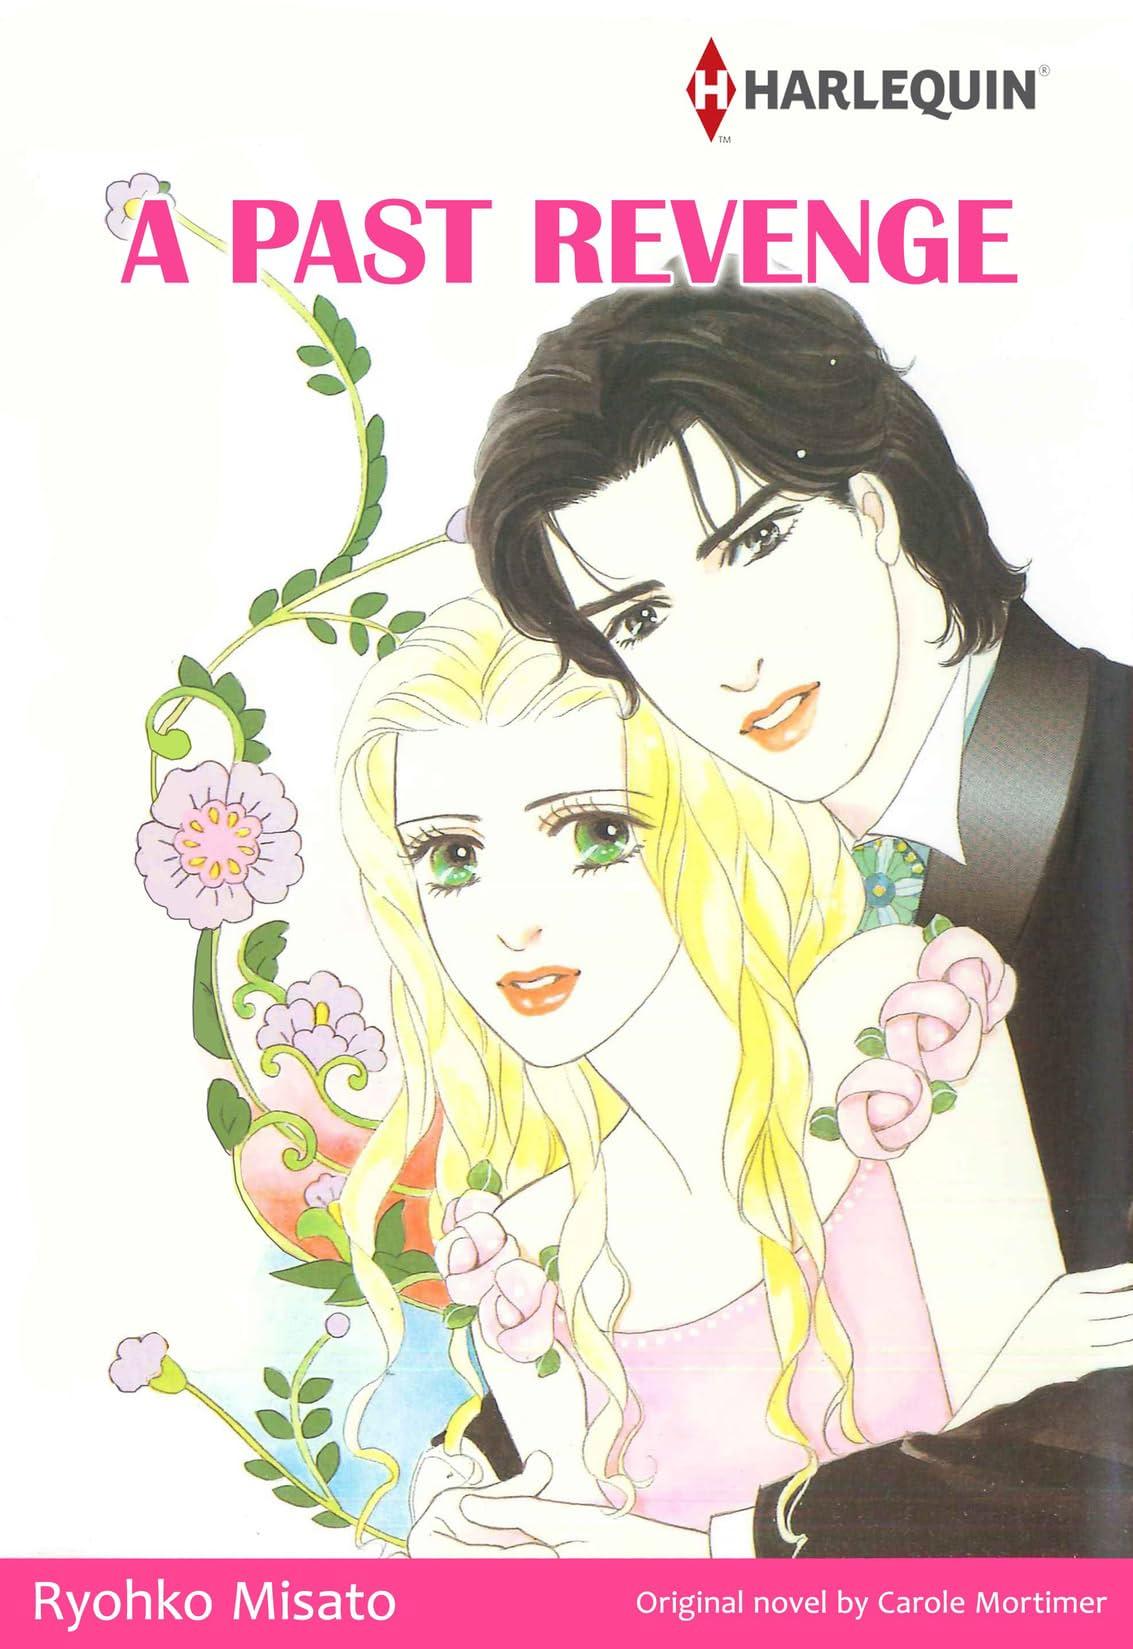 A Past Revenge